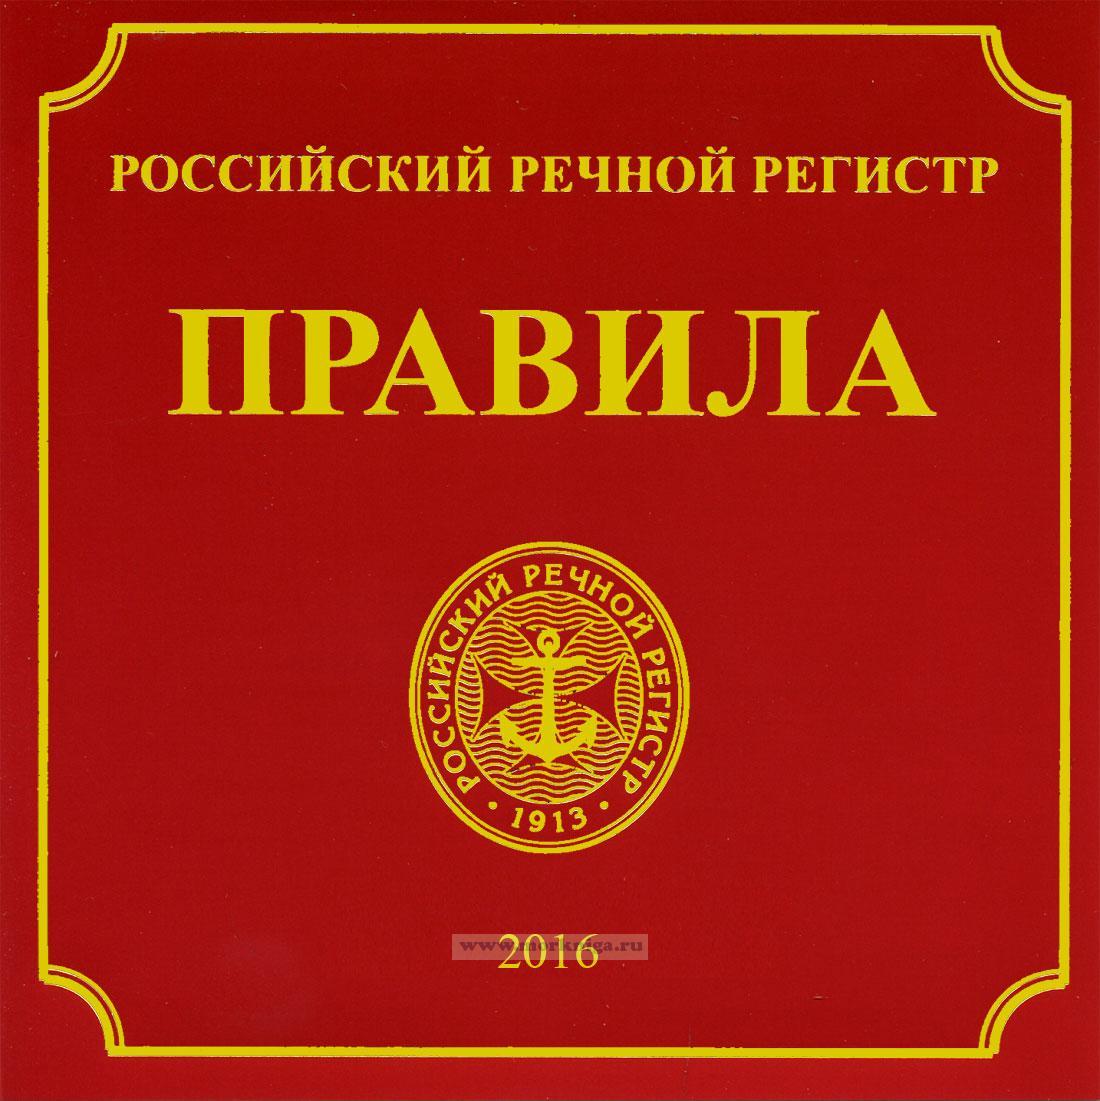 Правила Российского Речного Регистра в электронном виде на CD